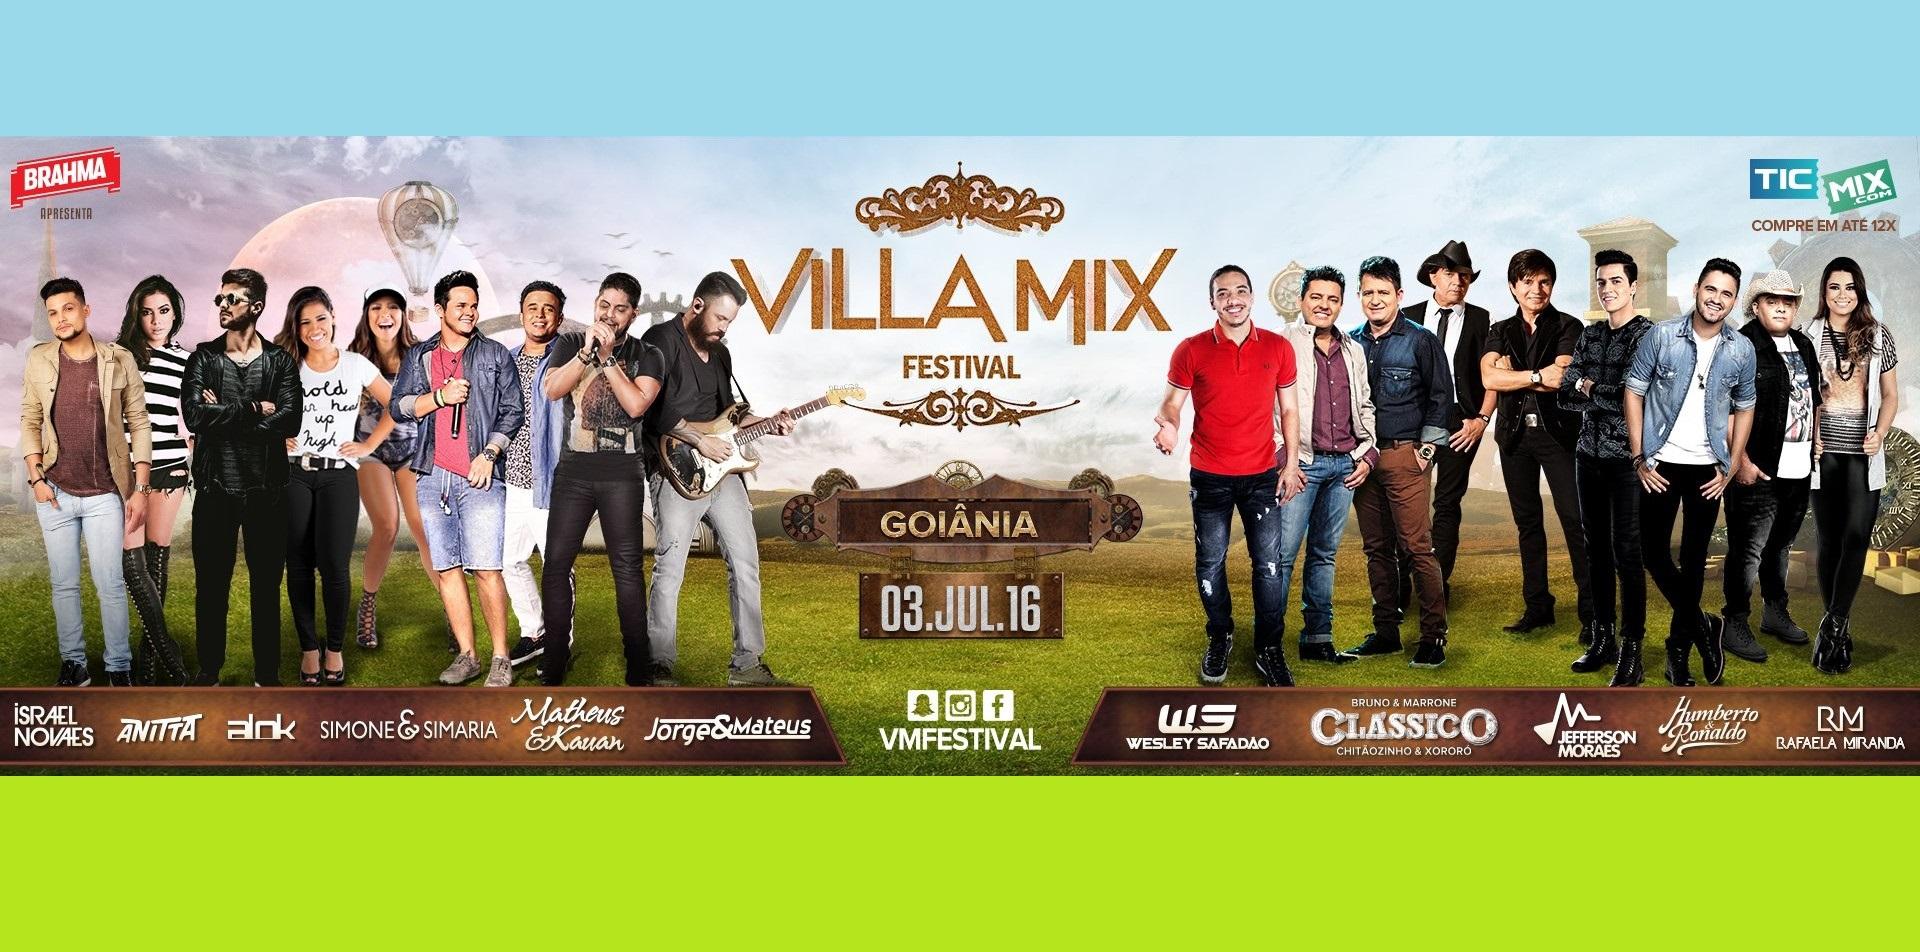 Villa Mix Festival Goiânia: Faltam 10 dias para o maior festival de música do Brasil 41